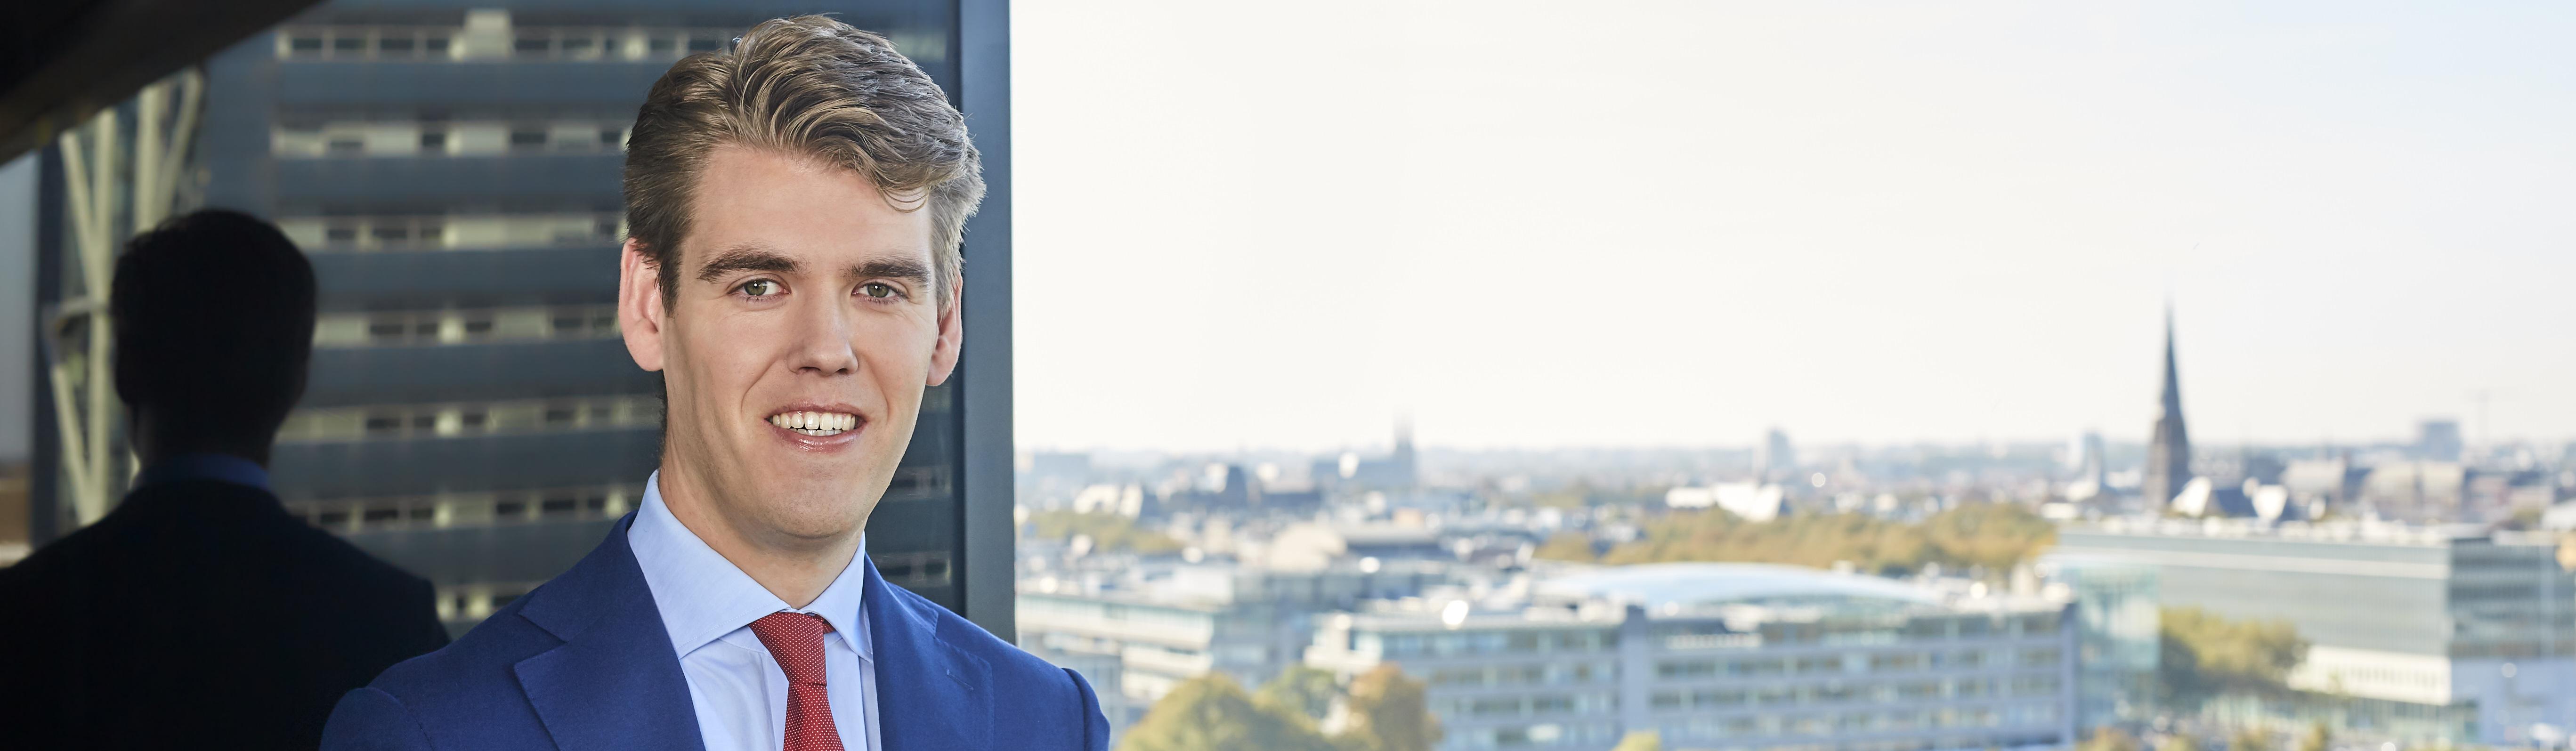 Peter Hoogendoorn, kandidaat-notaris Pels Rijcken